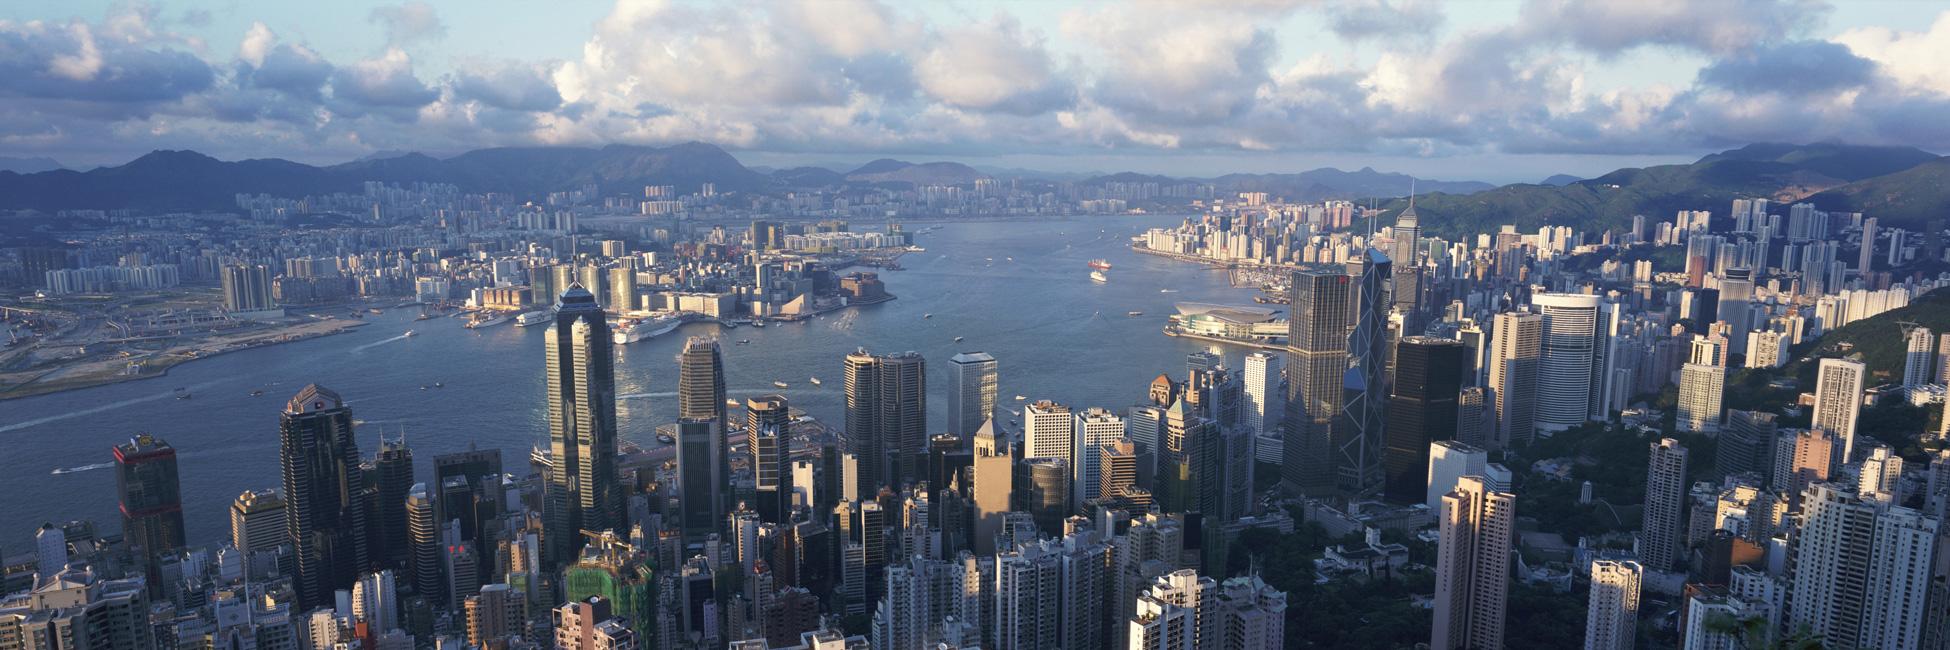 Hong Kong - Bain & Company